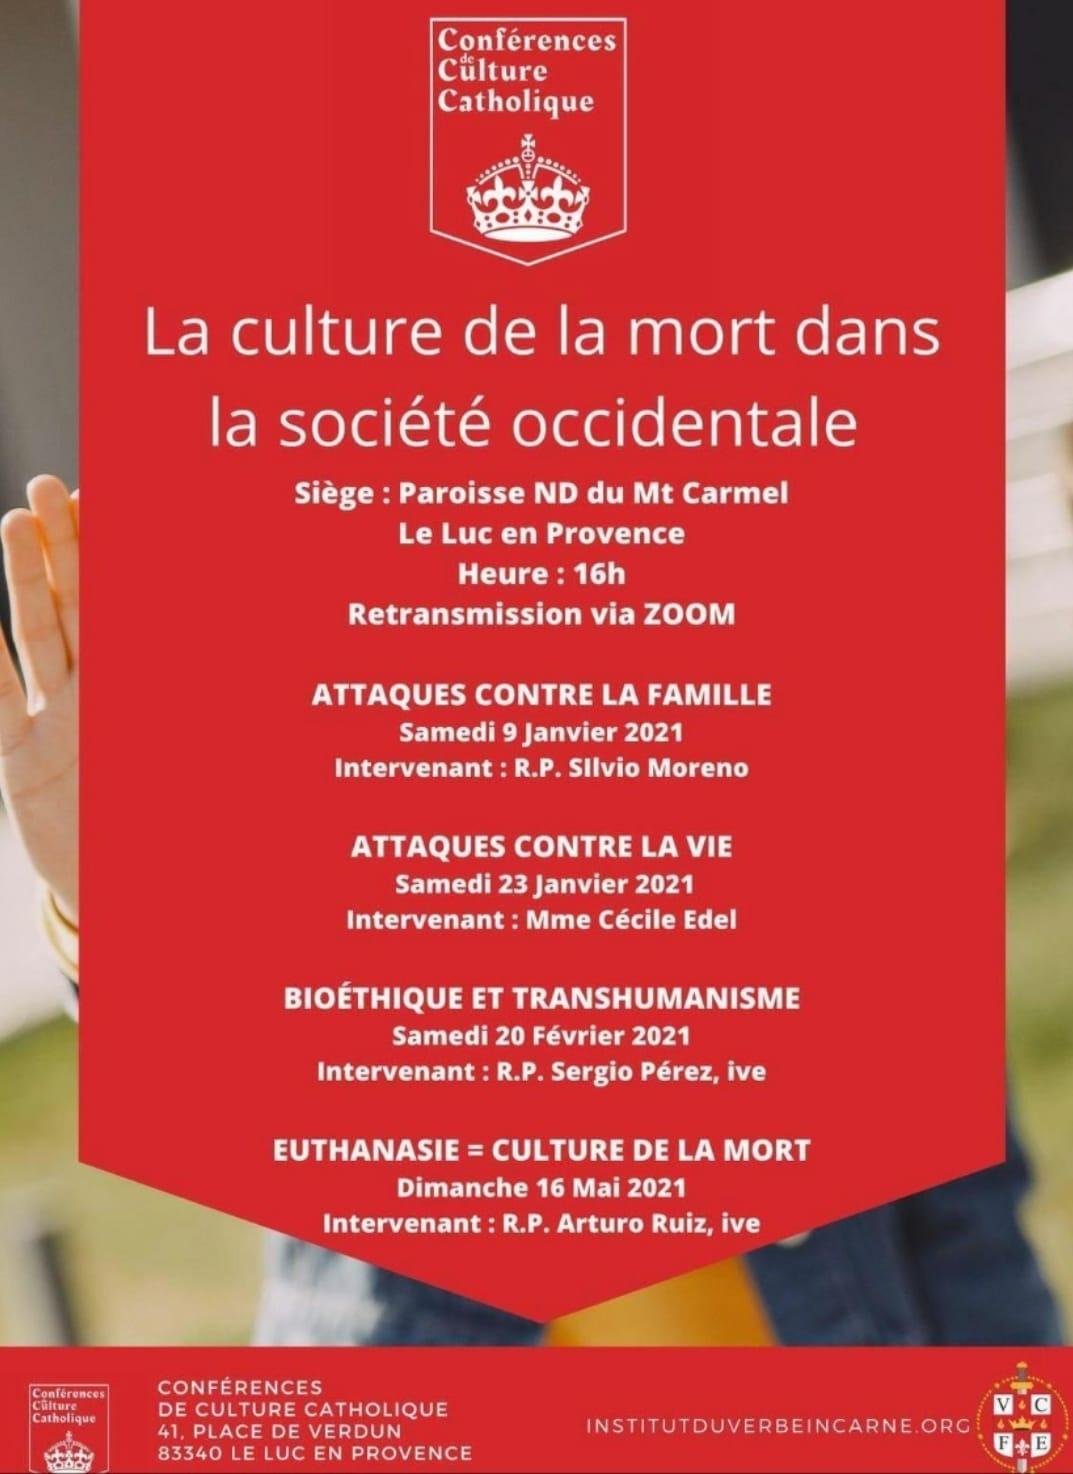 Túnez/Francia: Conferencias de Cultura Católica en francés